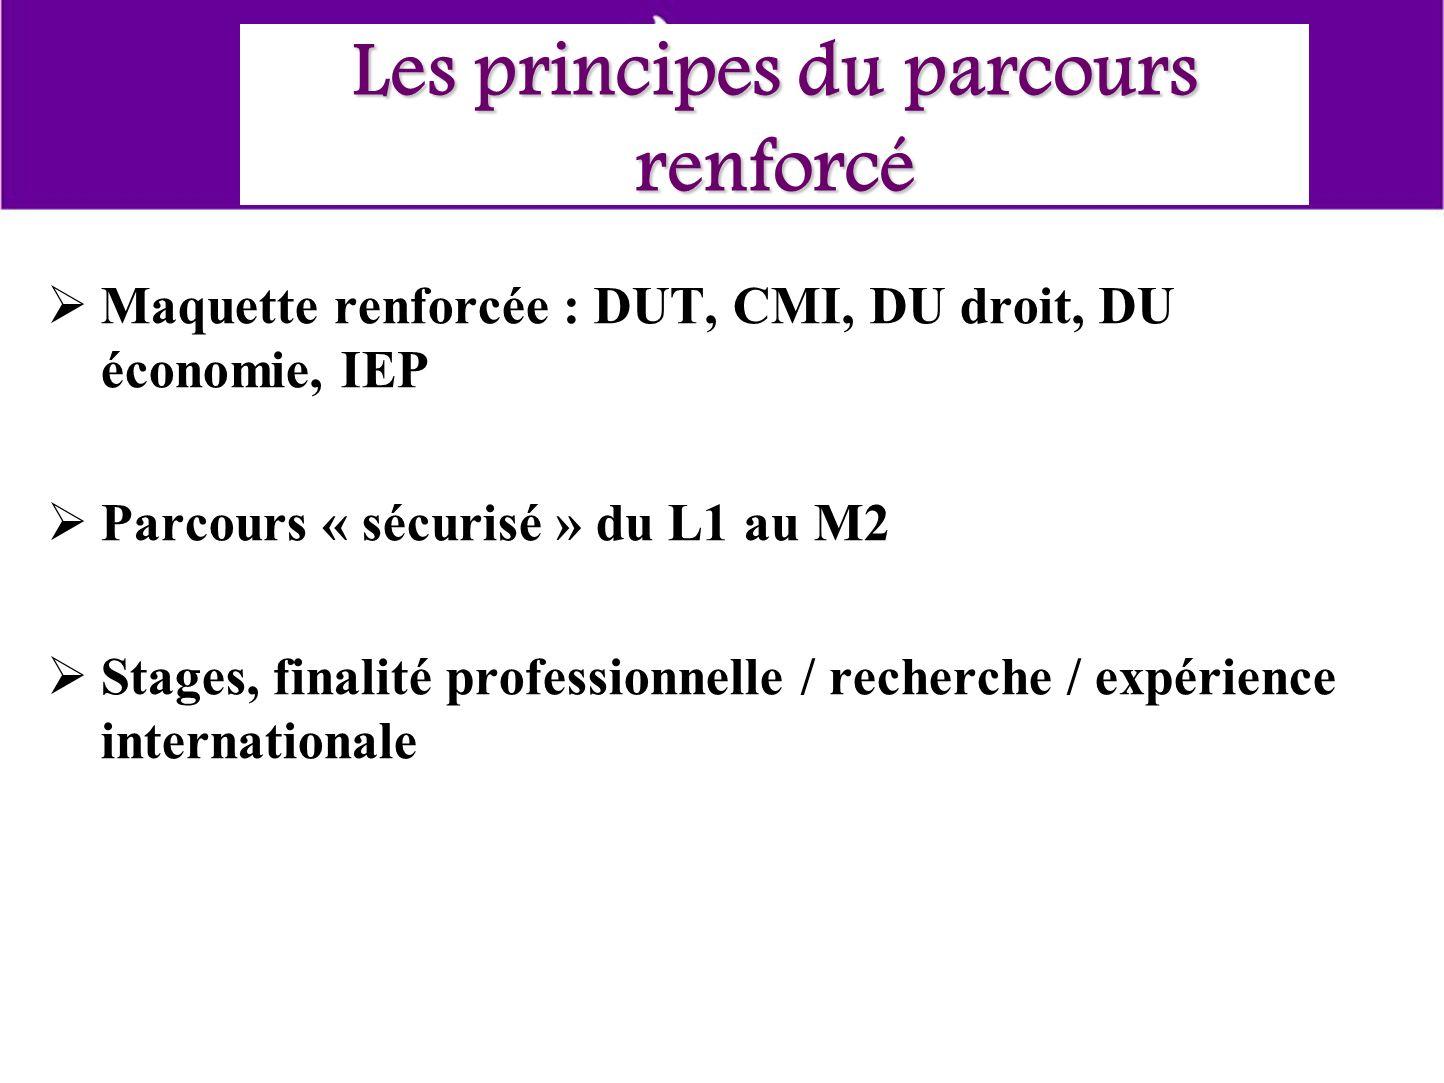 Les principes du parcours renforcé Maquette renforcée : DUT, CMI, DU droit, DU économie, IEP Parcours « sécurisé » du L1 au M2 Stages, finalité professionnelle / recherche / expérience internationale